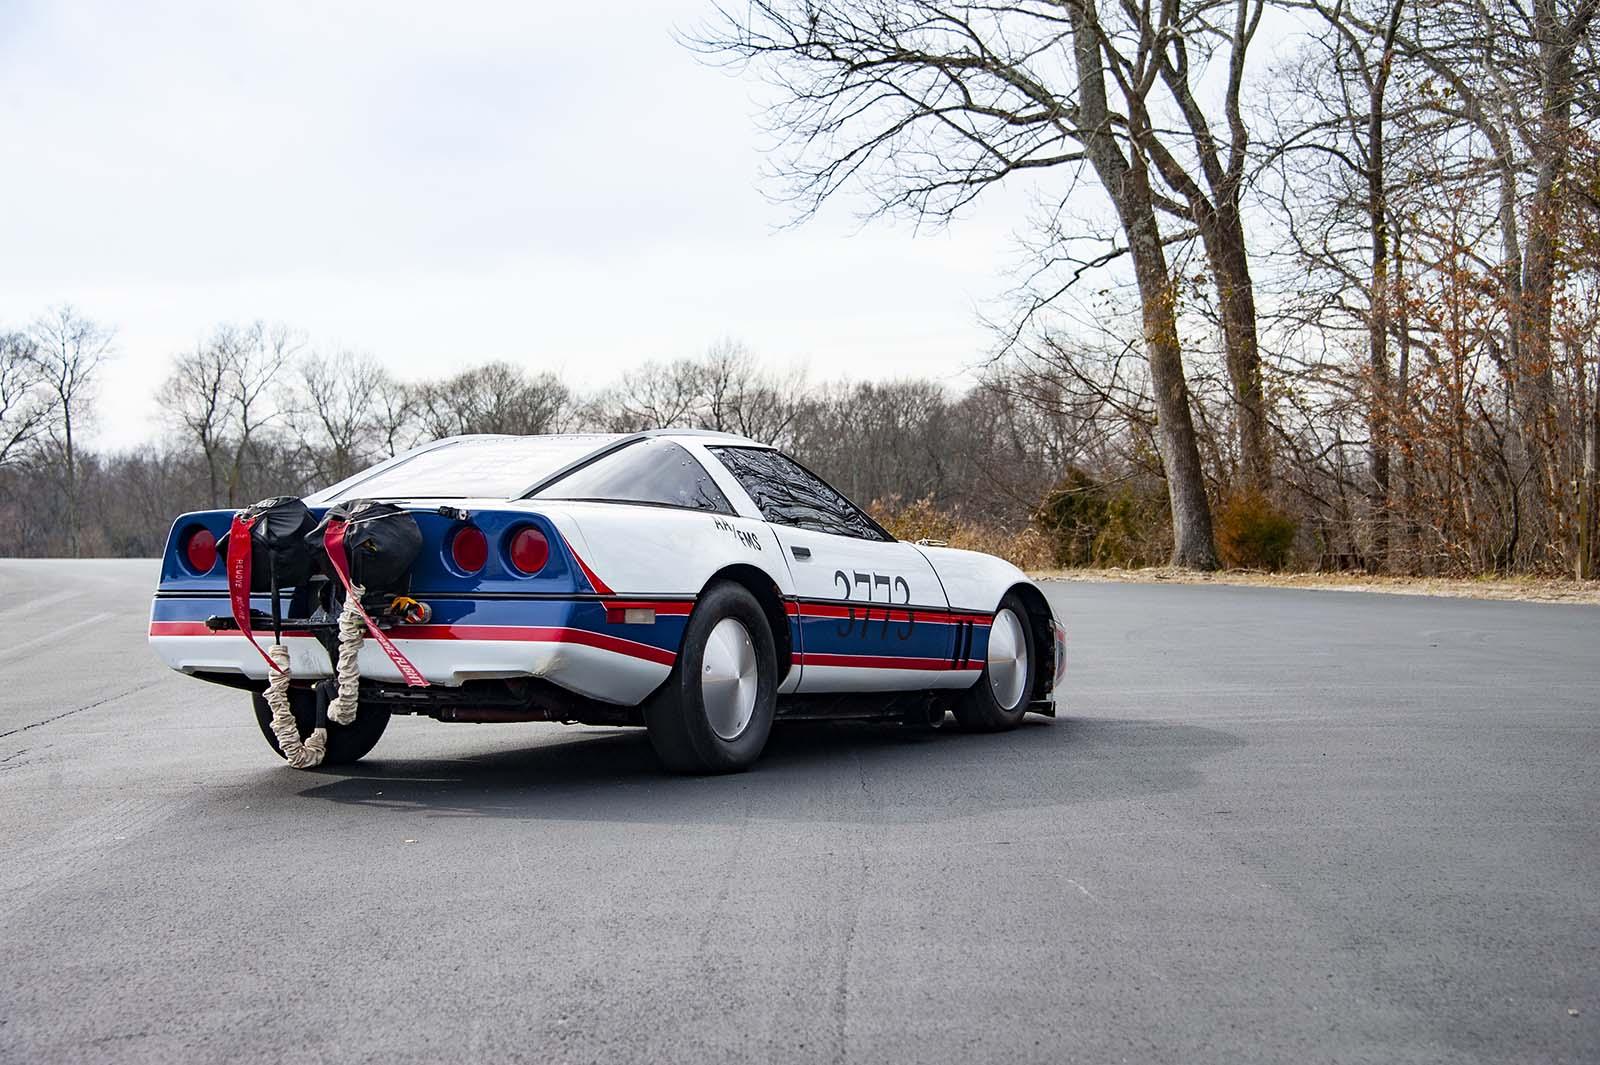 National Corvette Museum Receives 'World's Fastest Corvette'